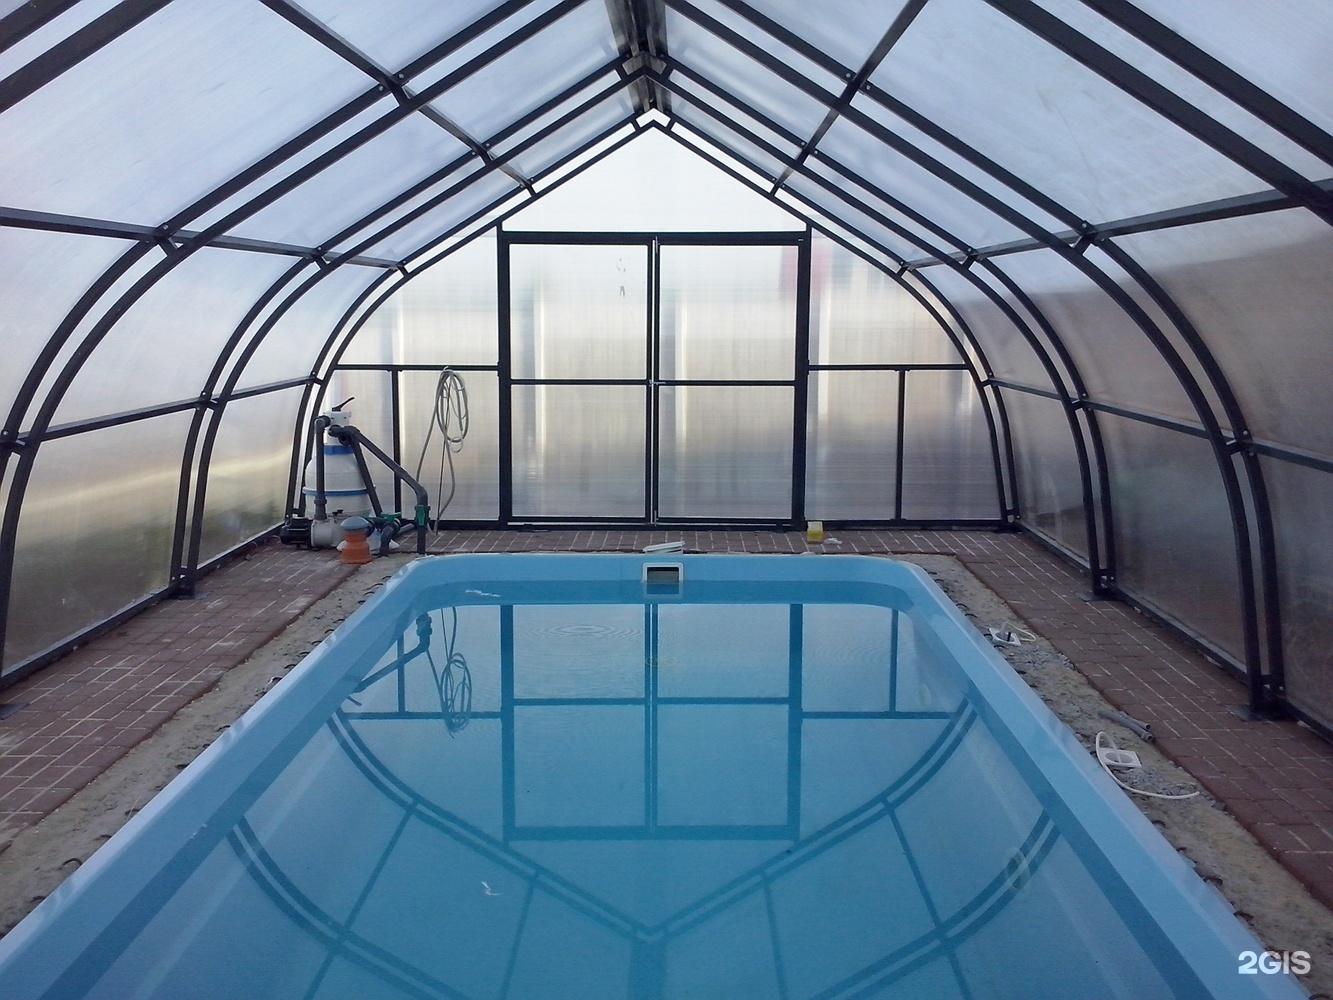 крытый бассейн на даче своими руками фото нестандартной окраски самолетов